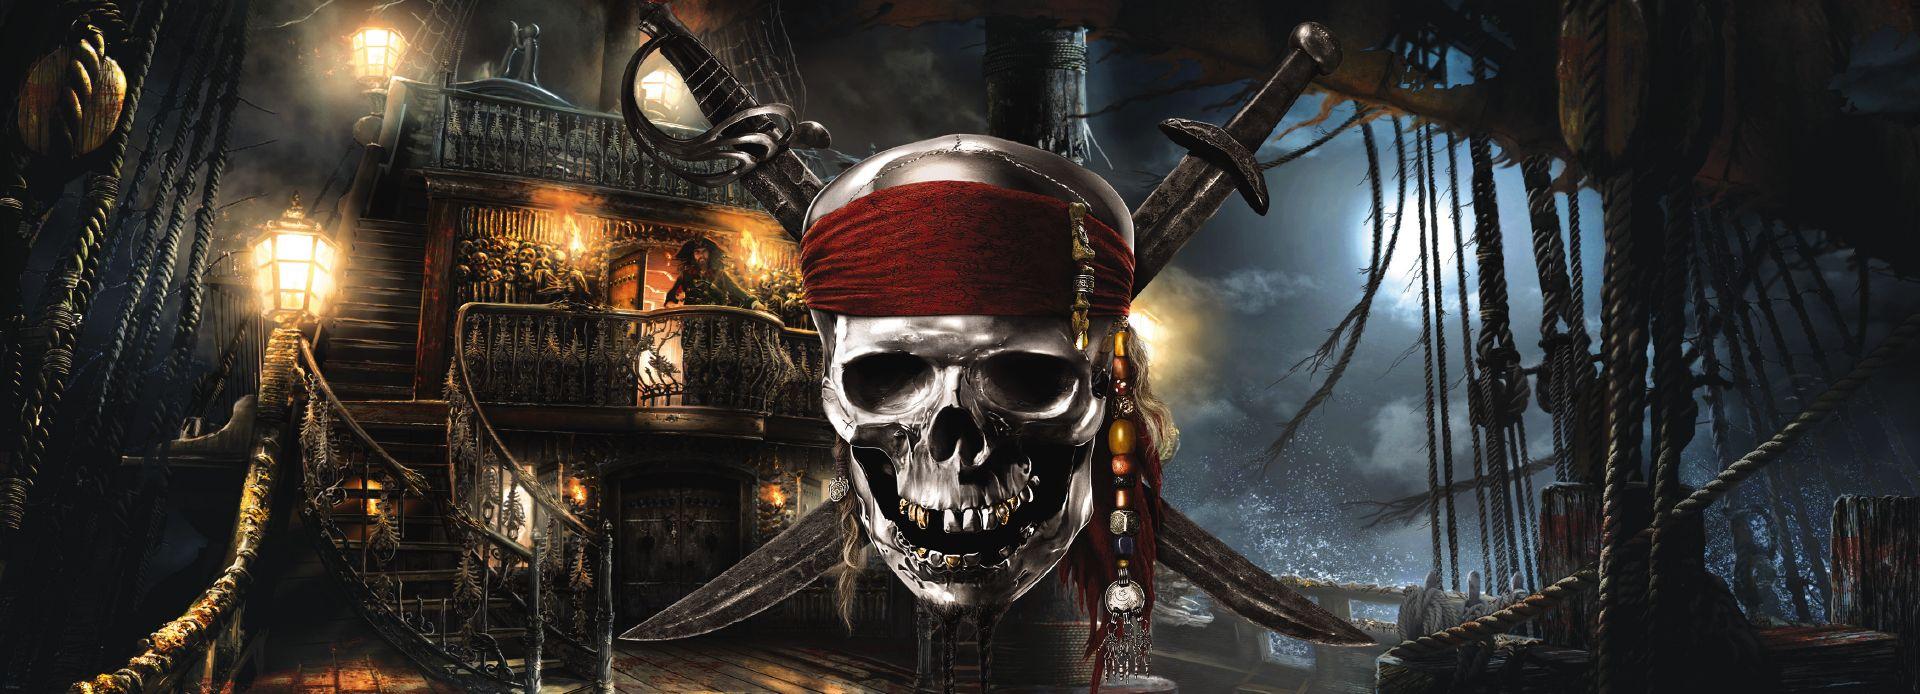 Fototapeta jednodílná - Piráti z Karibiku